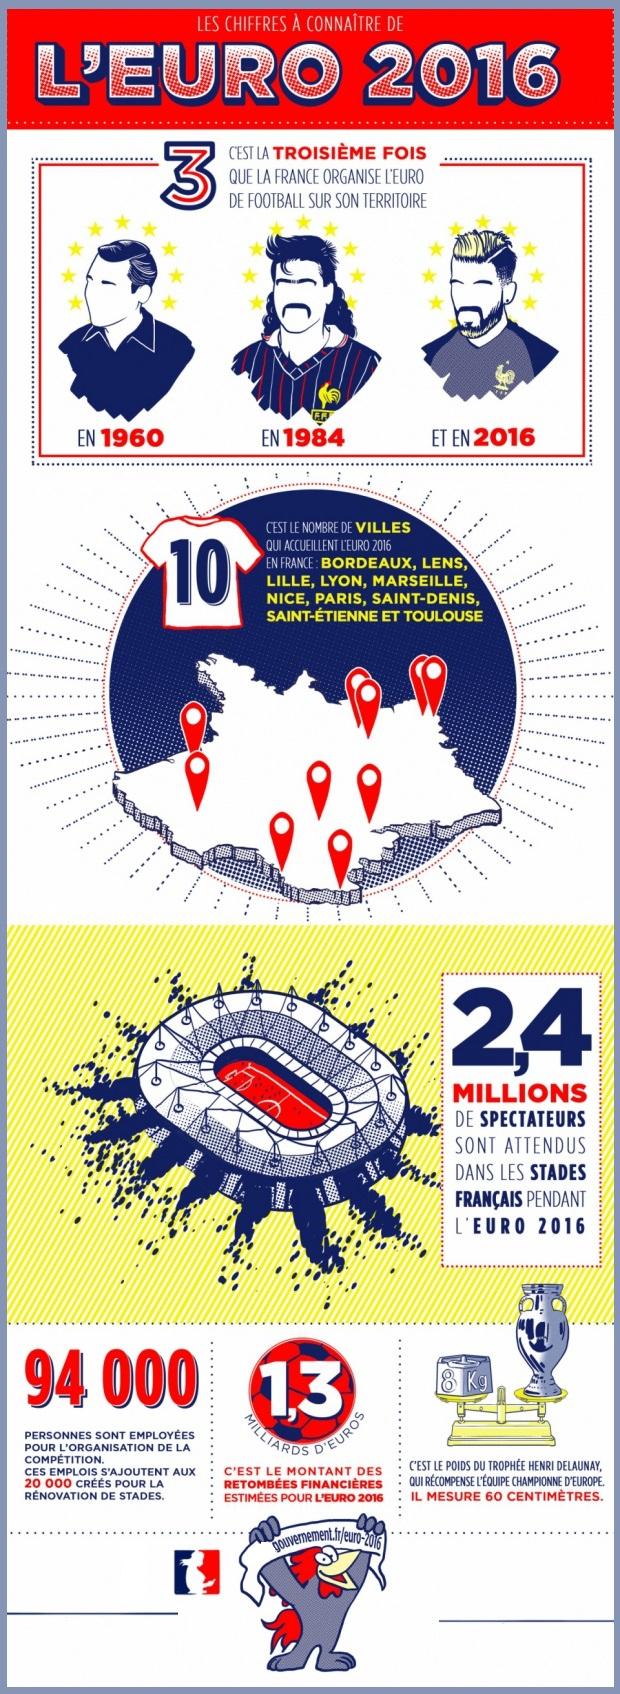 Les chiffres à connaître de l'Euro 2016 - voir en plus grand